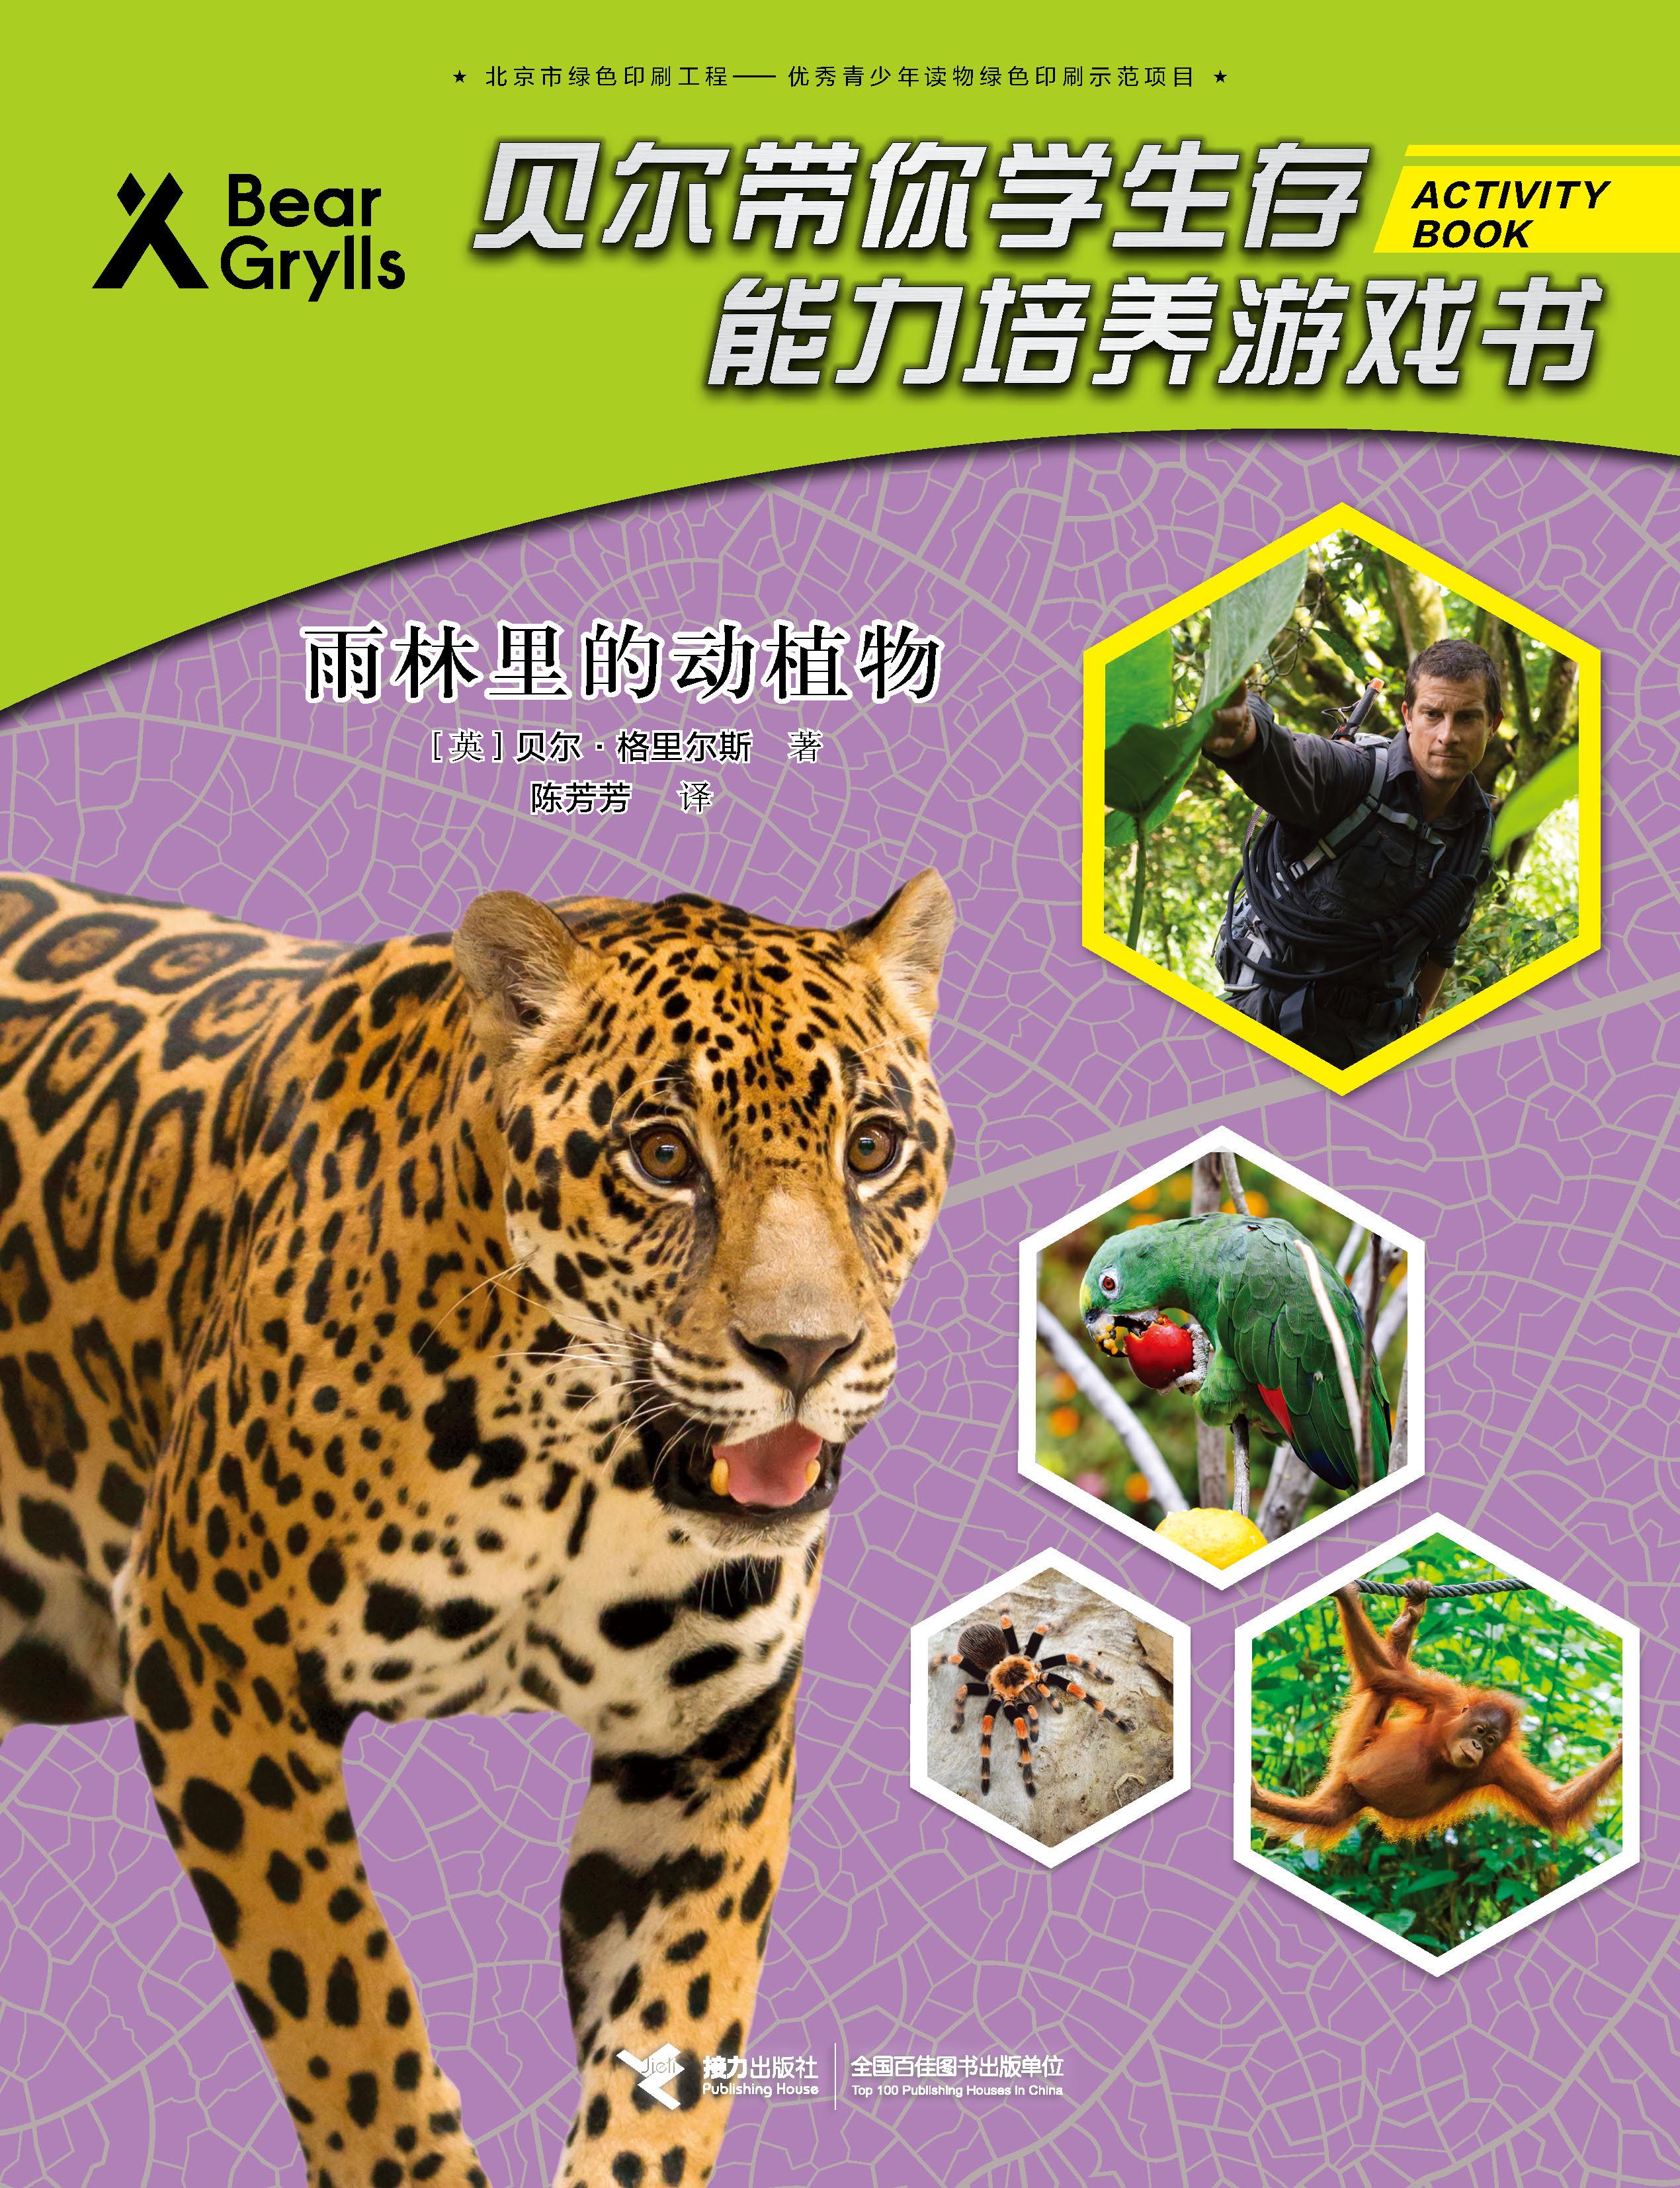 雨林里的动植物